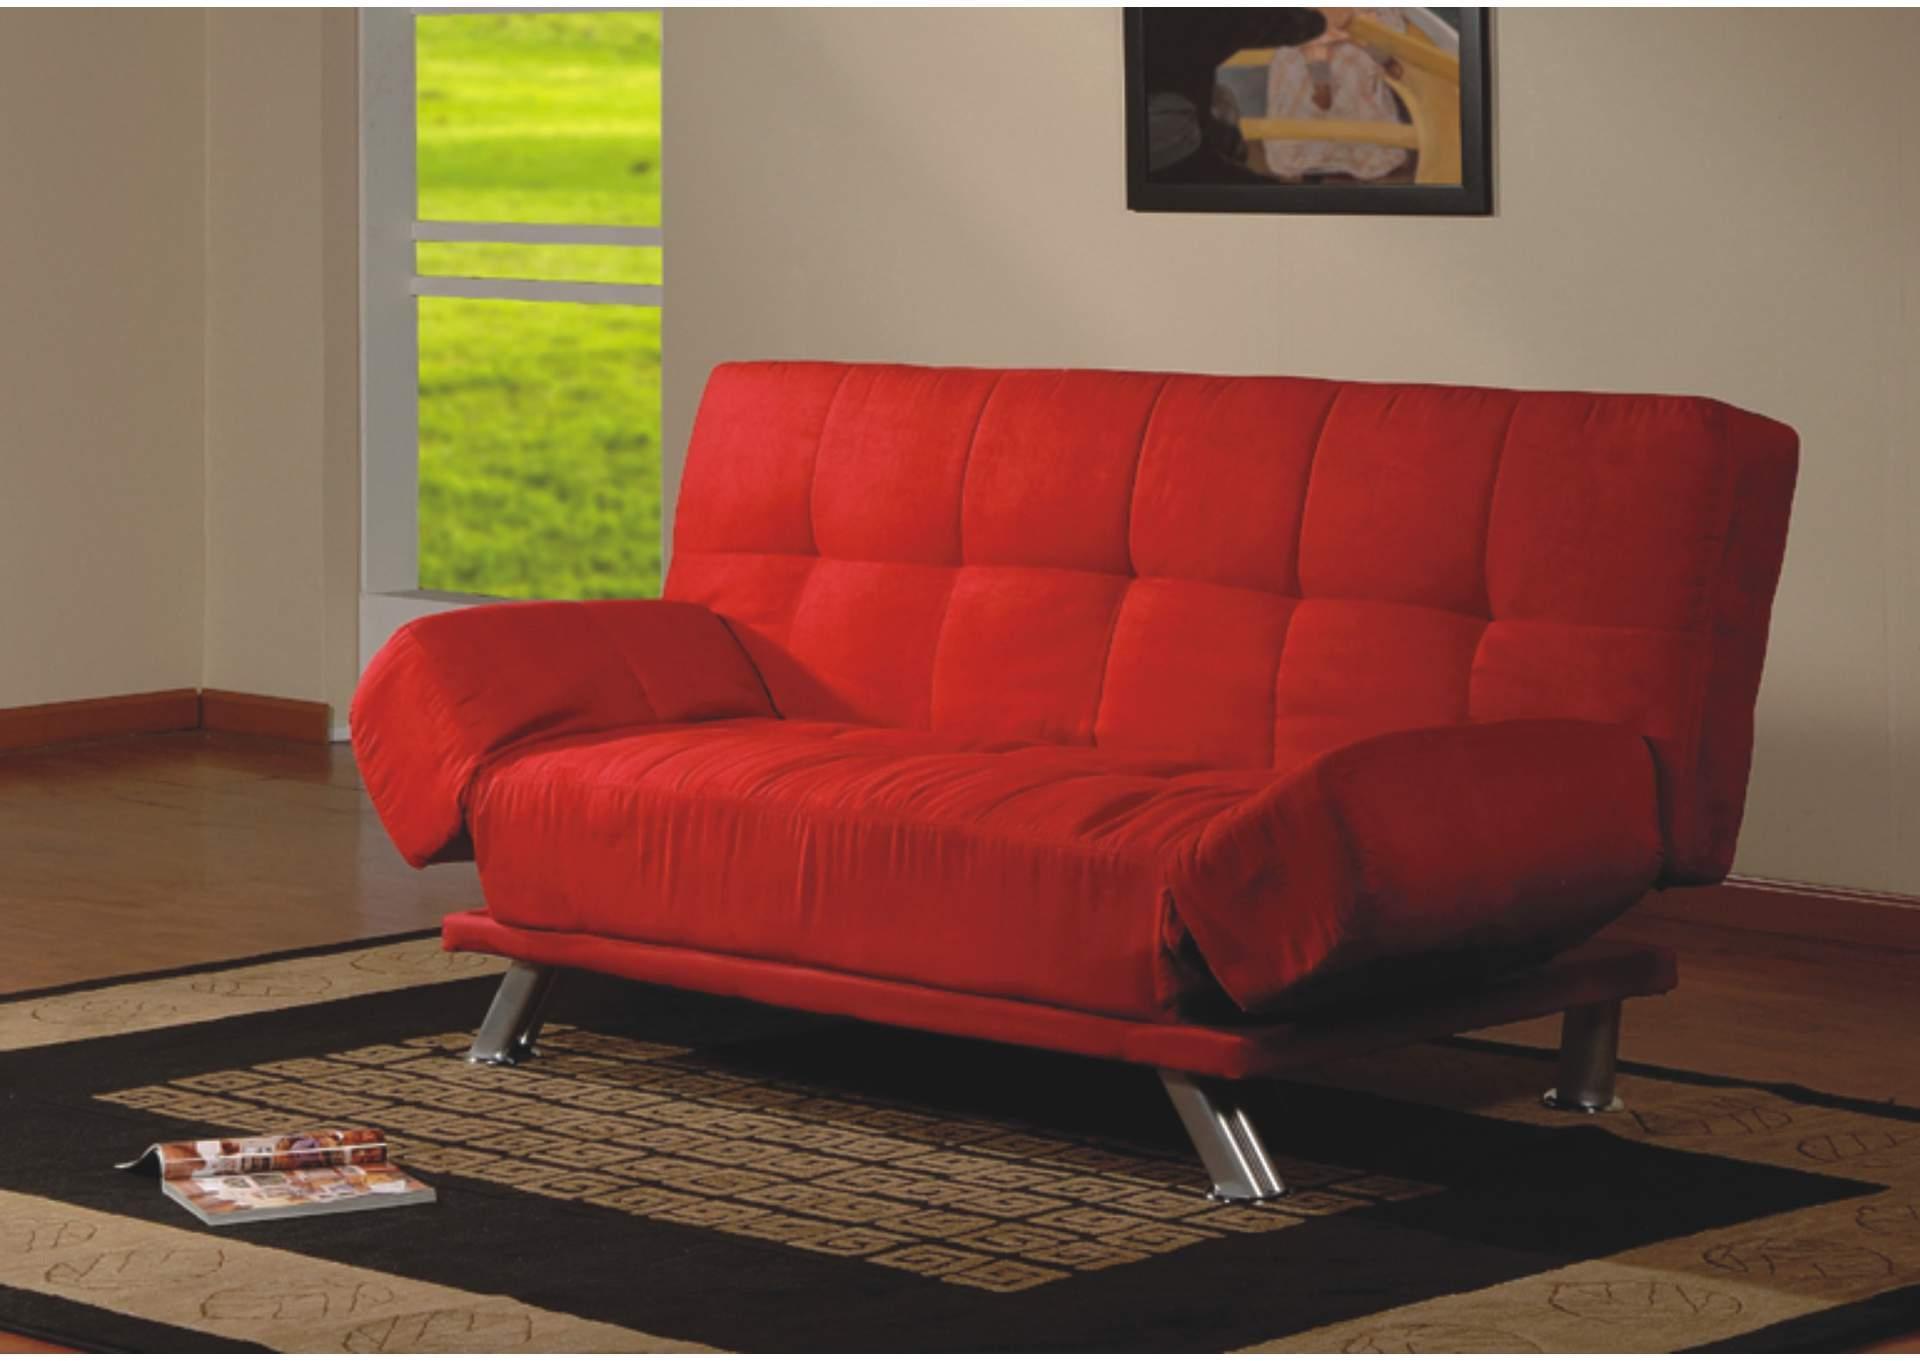 17919 Red Microfiber Sofa Bed